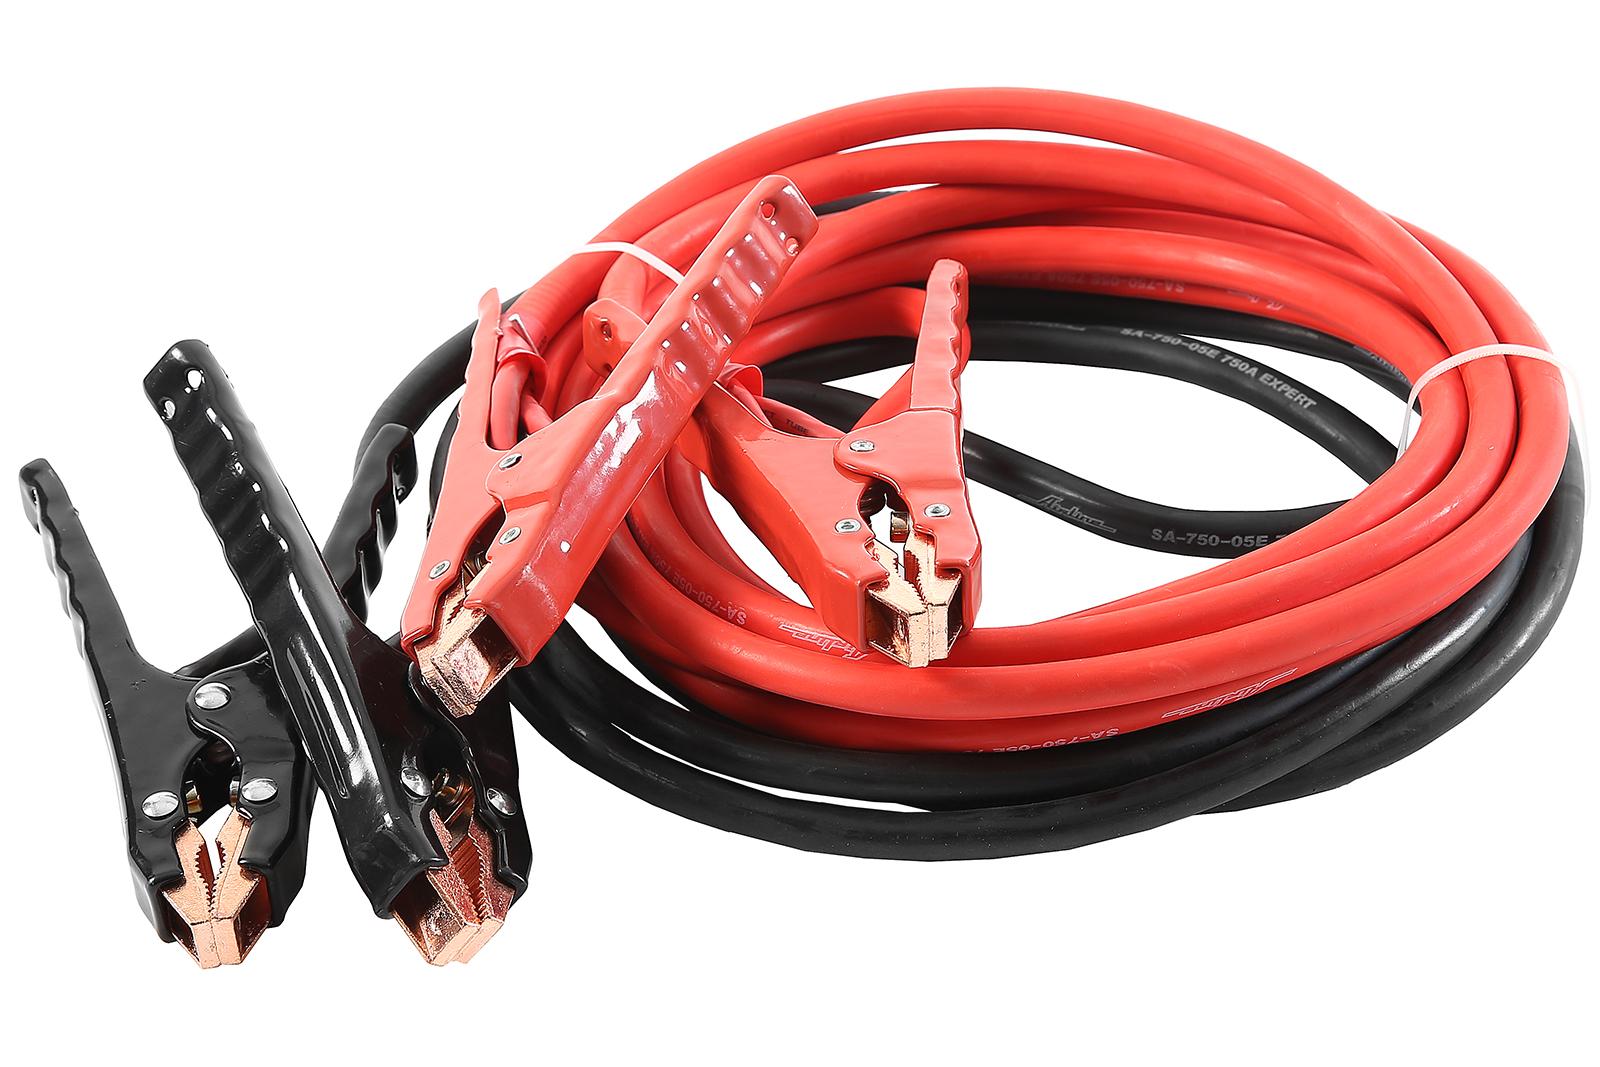 Провода для прикуривания Airline Expert sa-750-05e провода прикуривания airline sa 150 07s